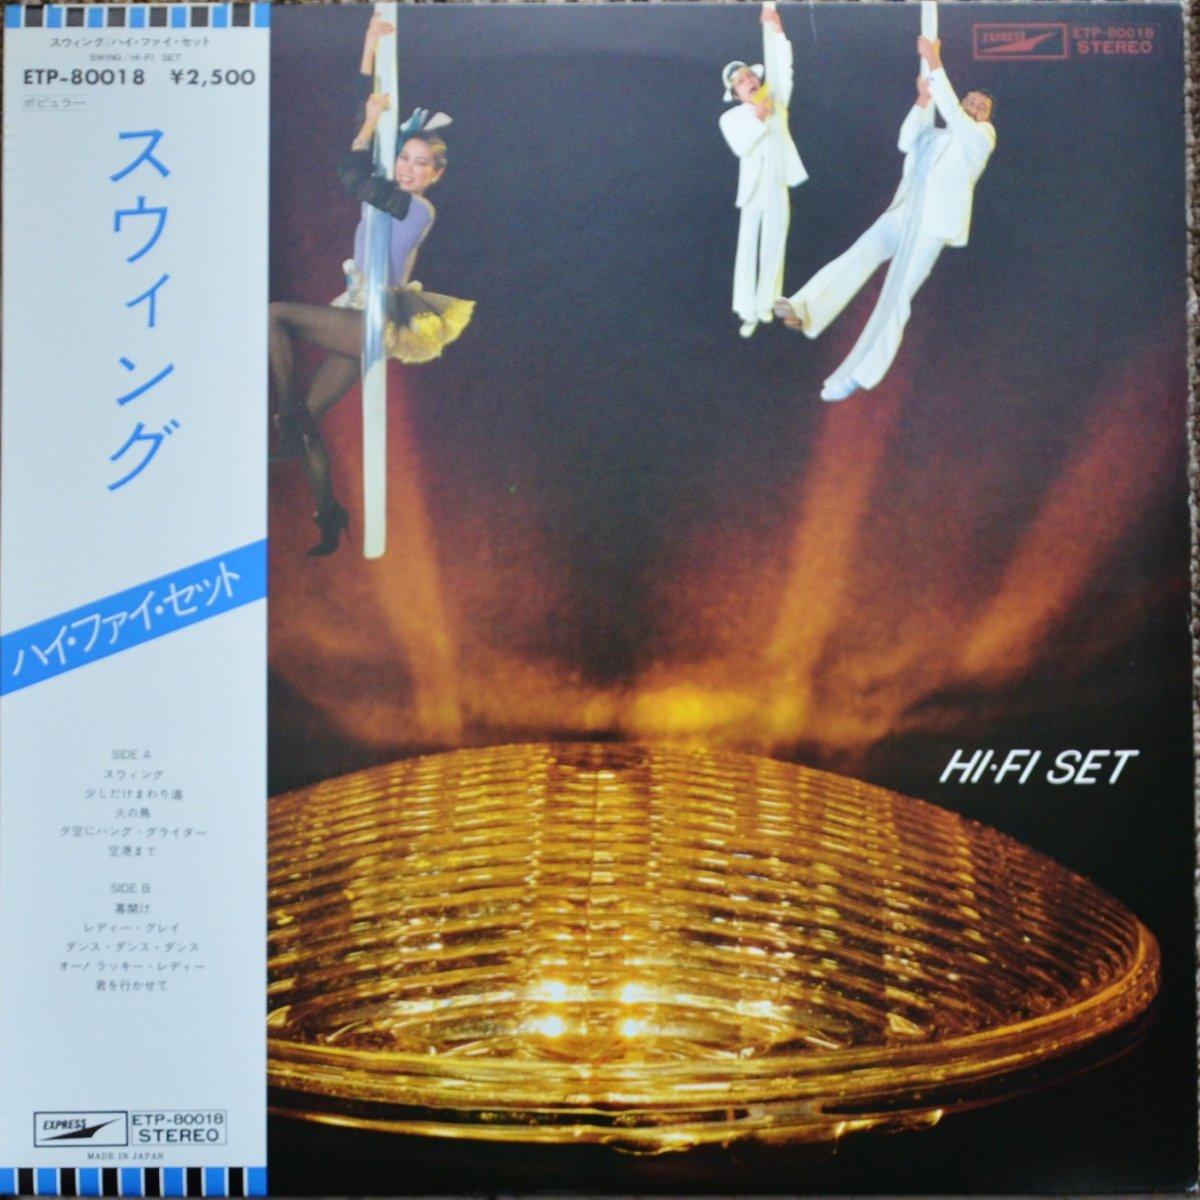 ハイ・ファイ・セット HI-FI SET / スウィング SWING (LP)